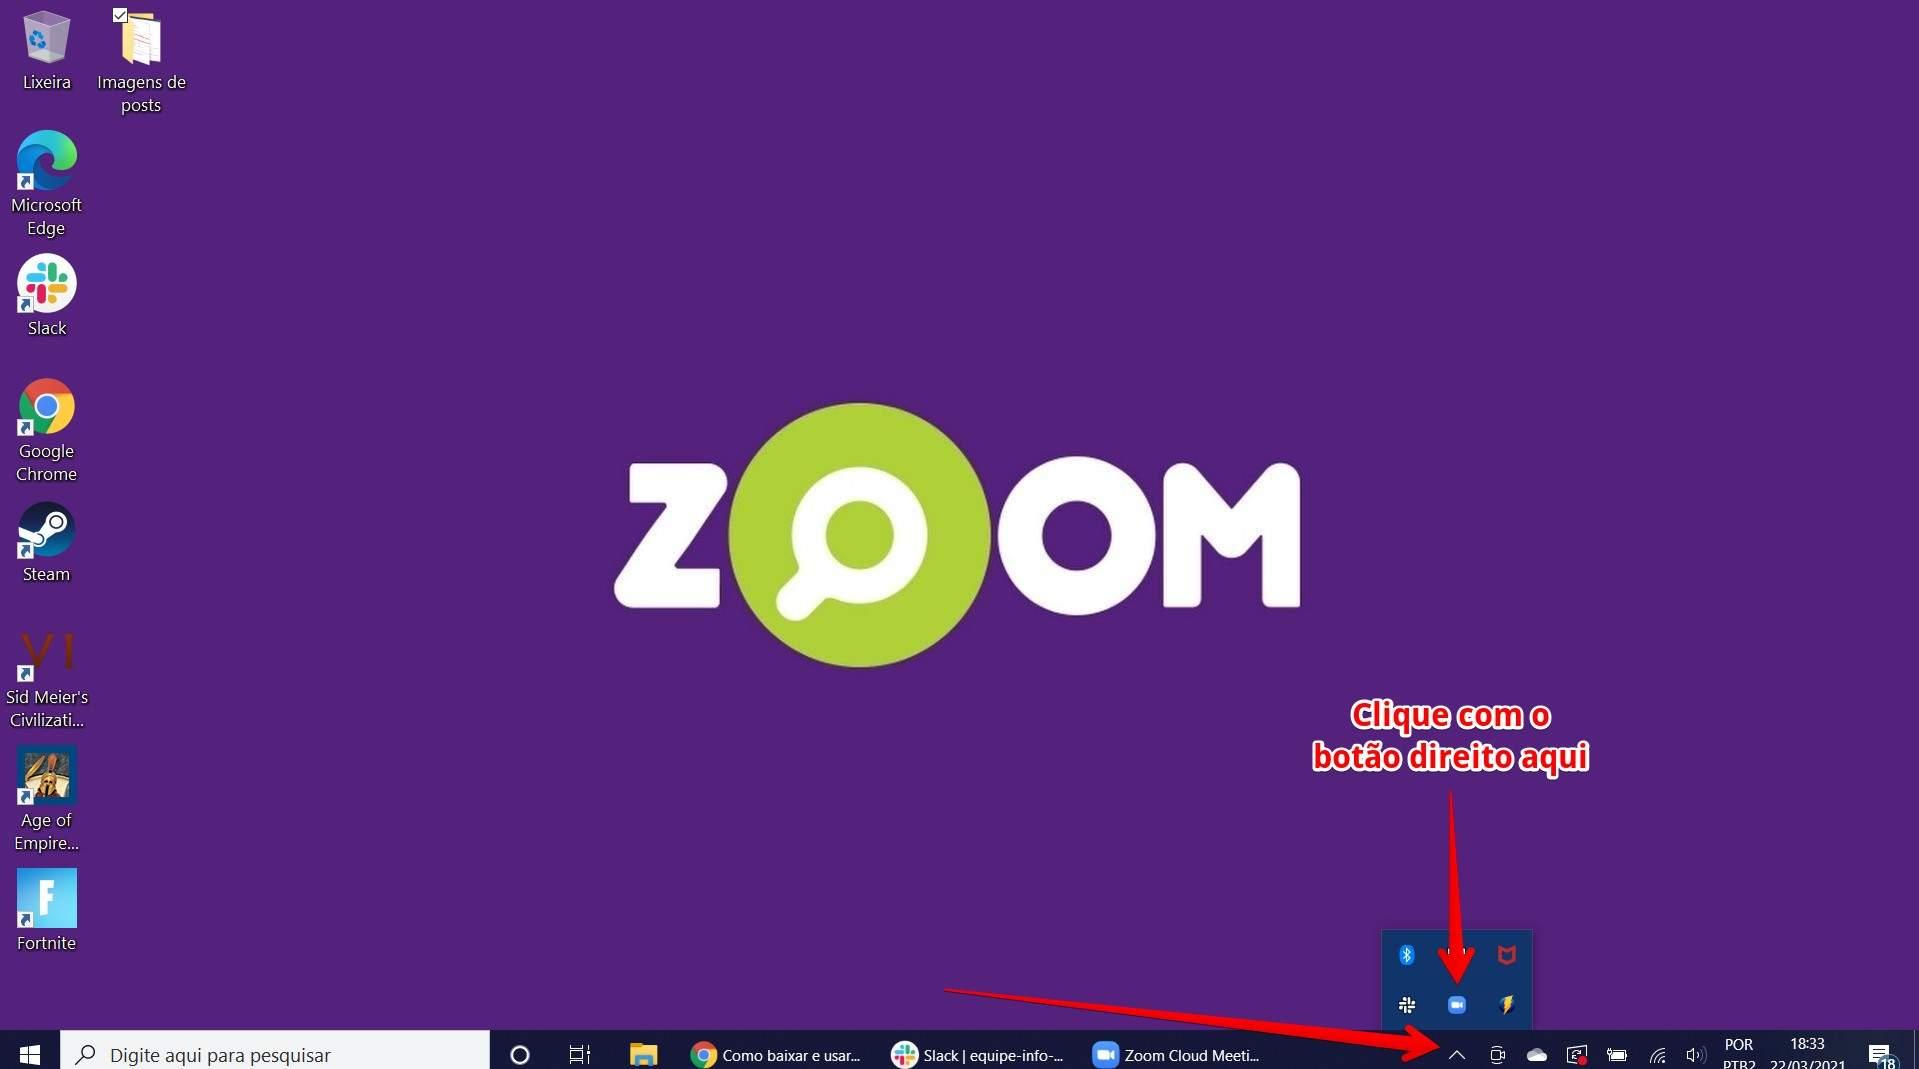 Clique com o botão direito do mouse no ícone do Zoom em sua área de trabalho (Fonte: Filipe Salles/Reprodução)